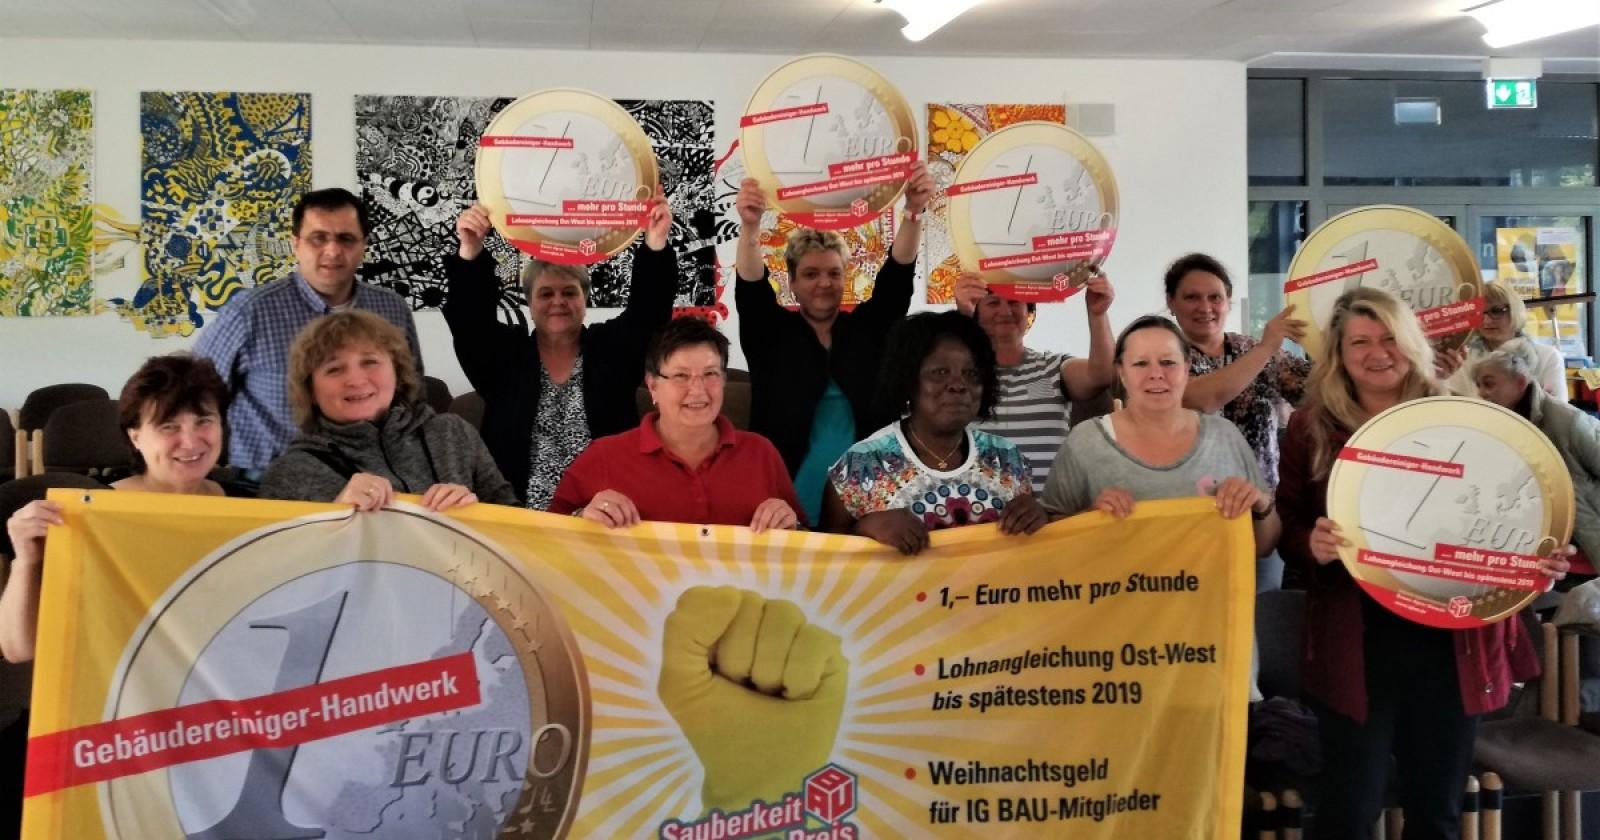 Piepenbrock-Kolleginnen vom Niederrhein wollen am 26 September in Essen für 1 Euro mehr die Stunde demonstrieren